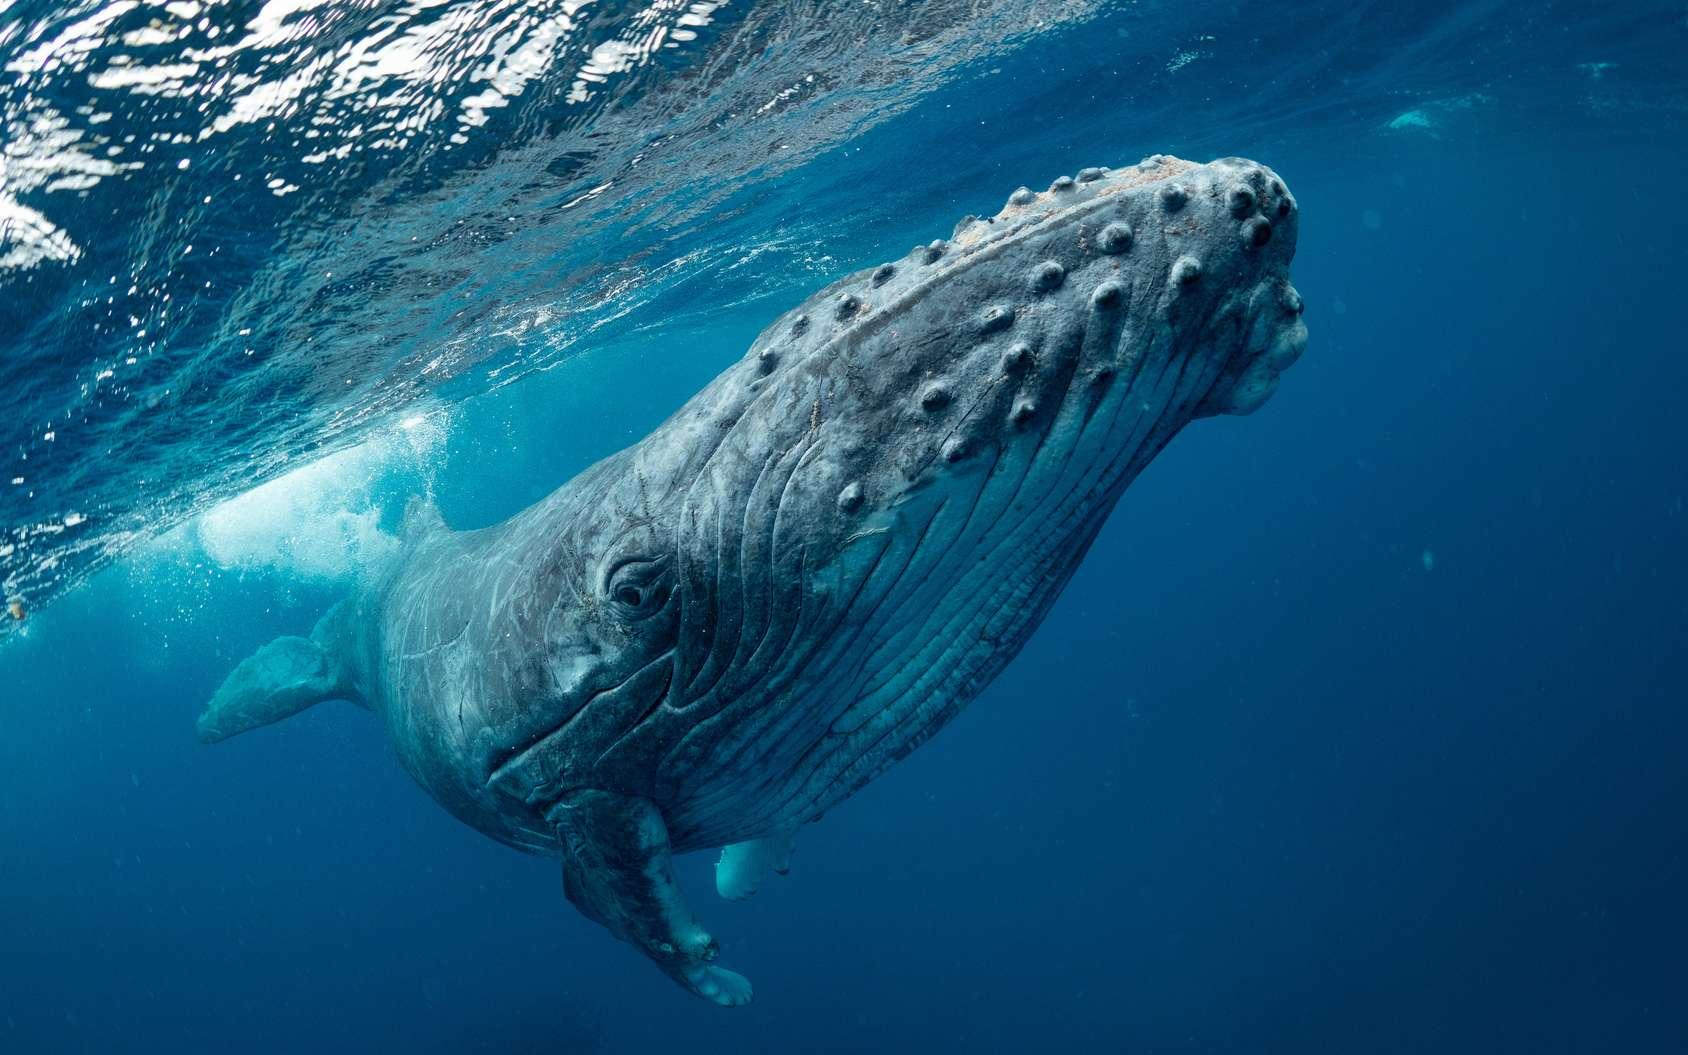 Le baleine bleue est le plus gros animal vivant sur la planète. © Earth theater, Fotolia